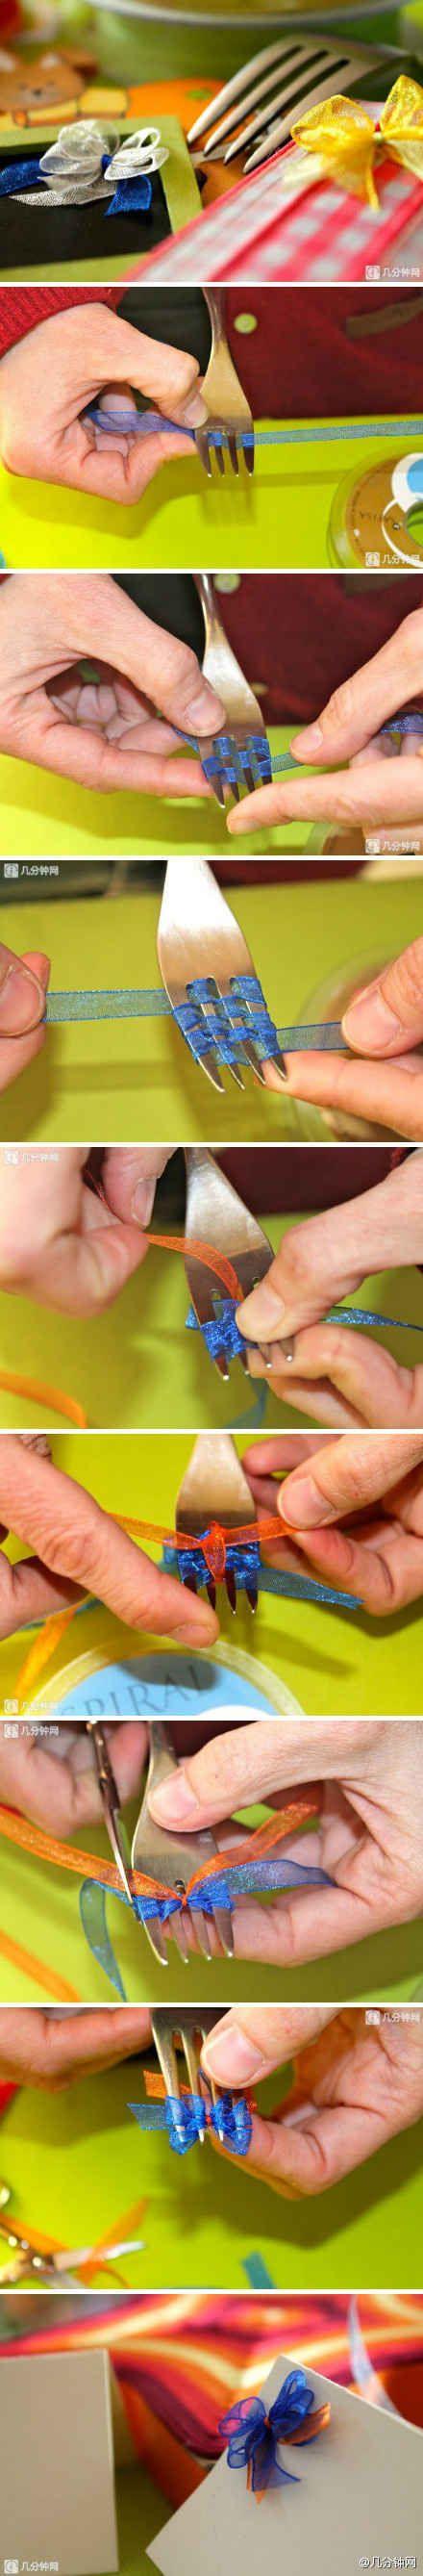 Utilizzare una forchetta per fare un piccolo inchino perfetto.